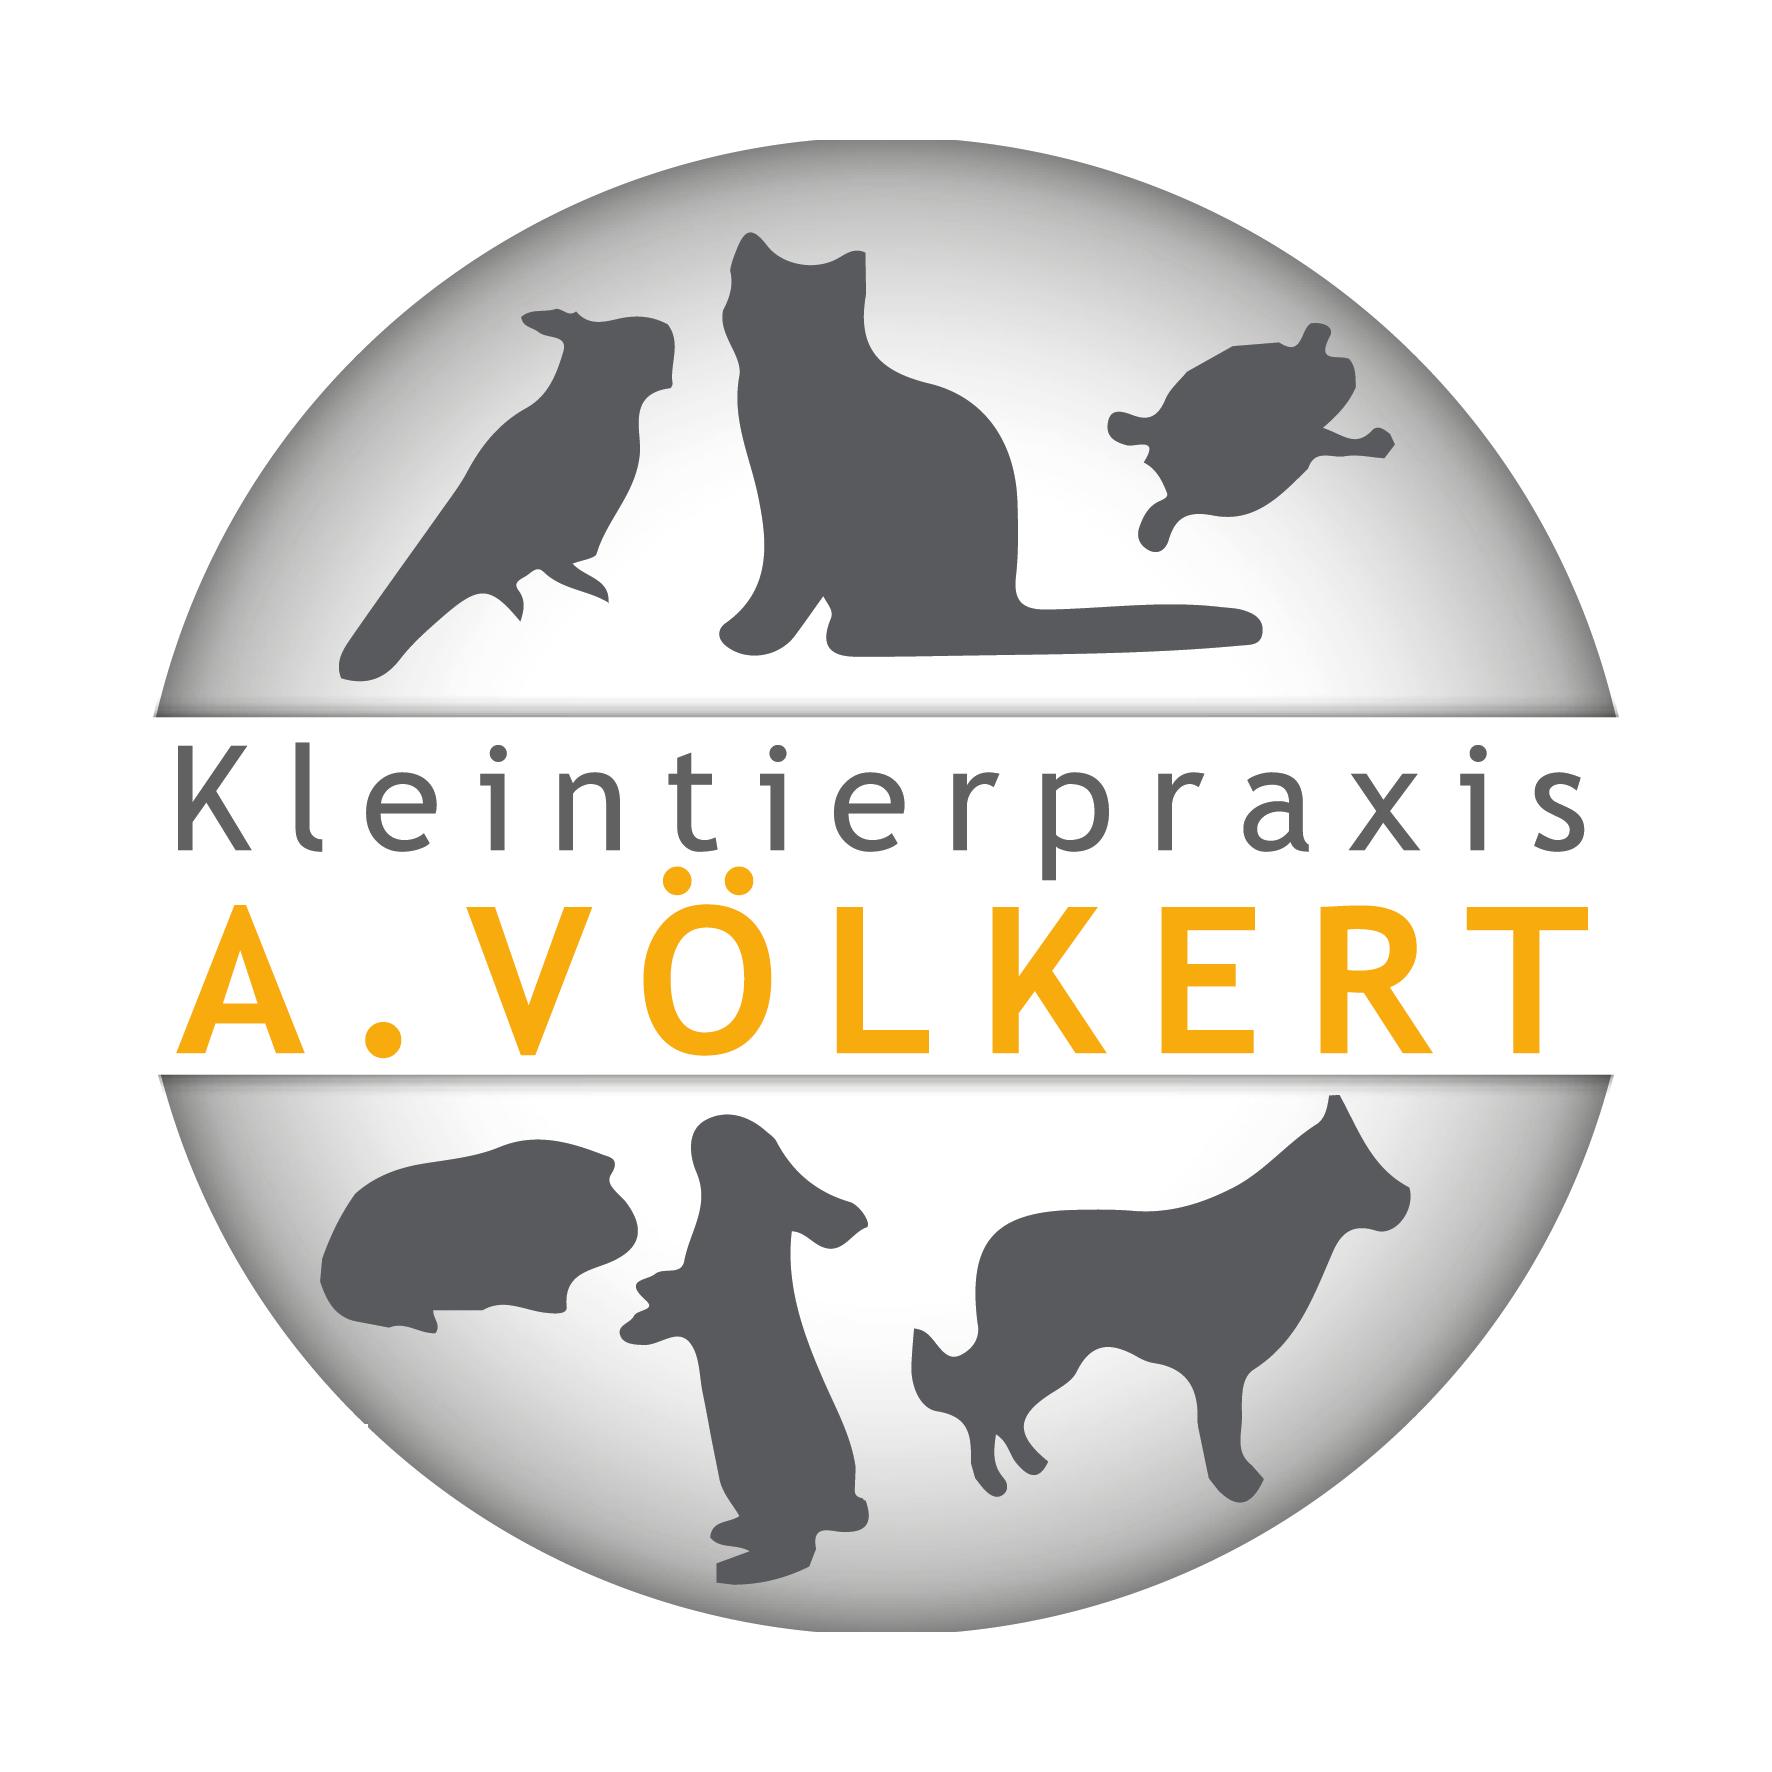 Kleintierpraxis A. Völkert